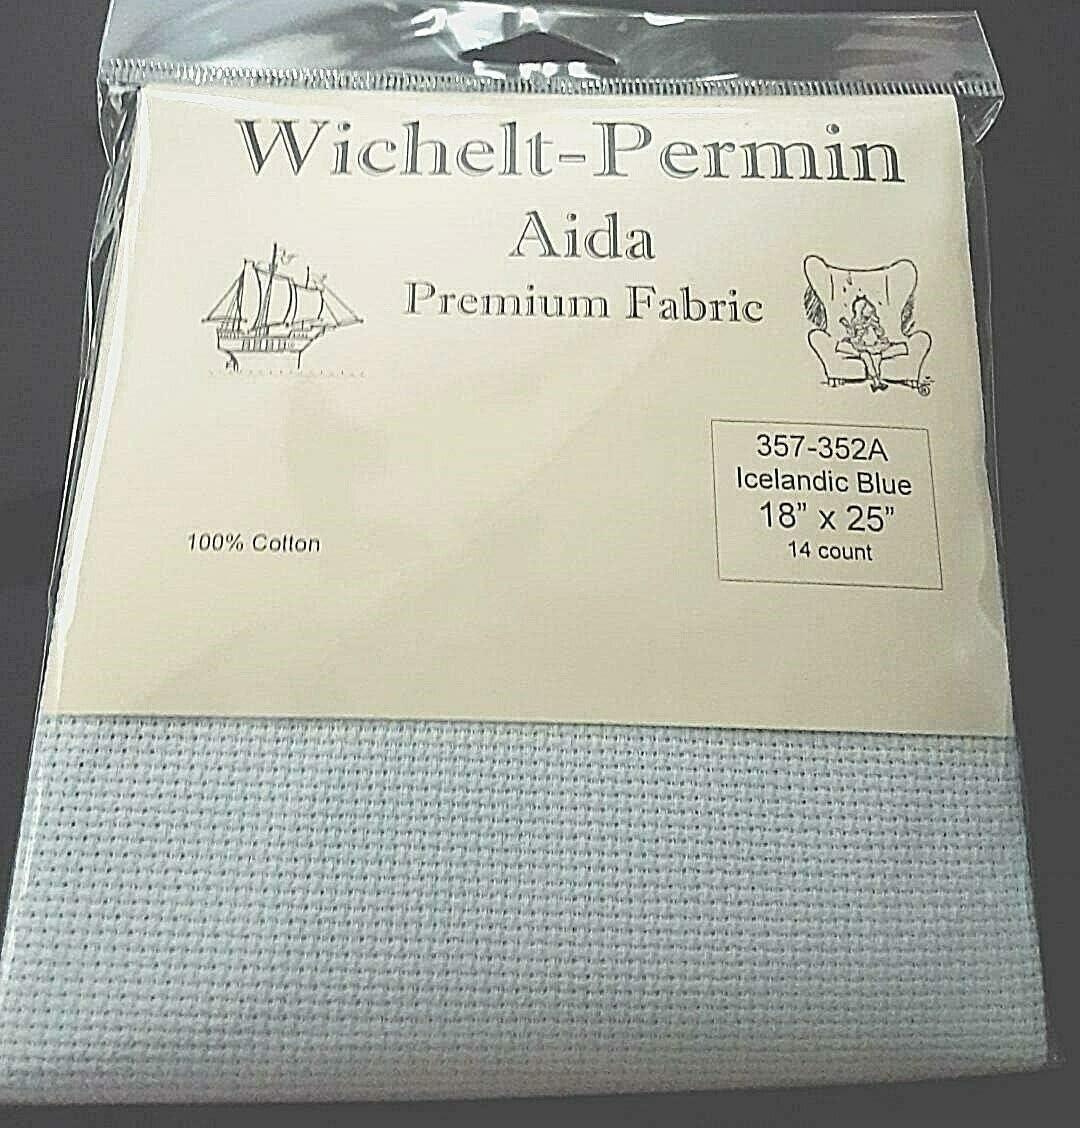 Wichelt Permin Aida Premium Fabric 14 Count 18 x 25 Icelandic Blue